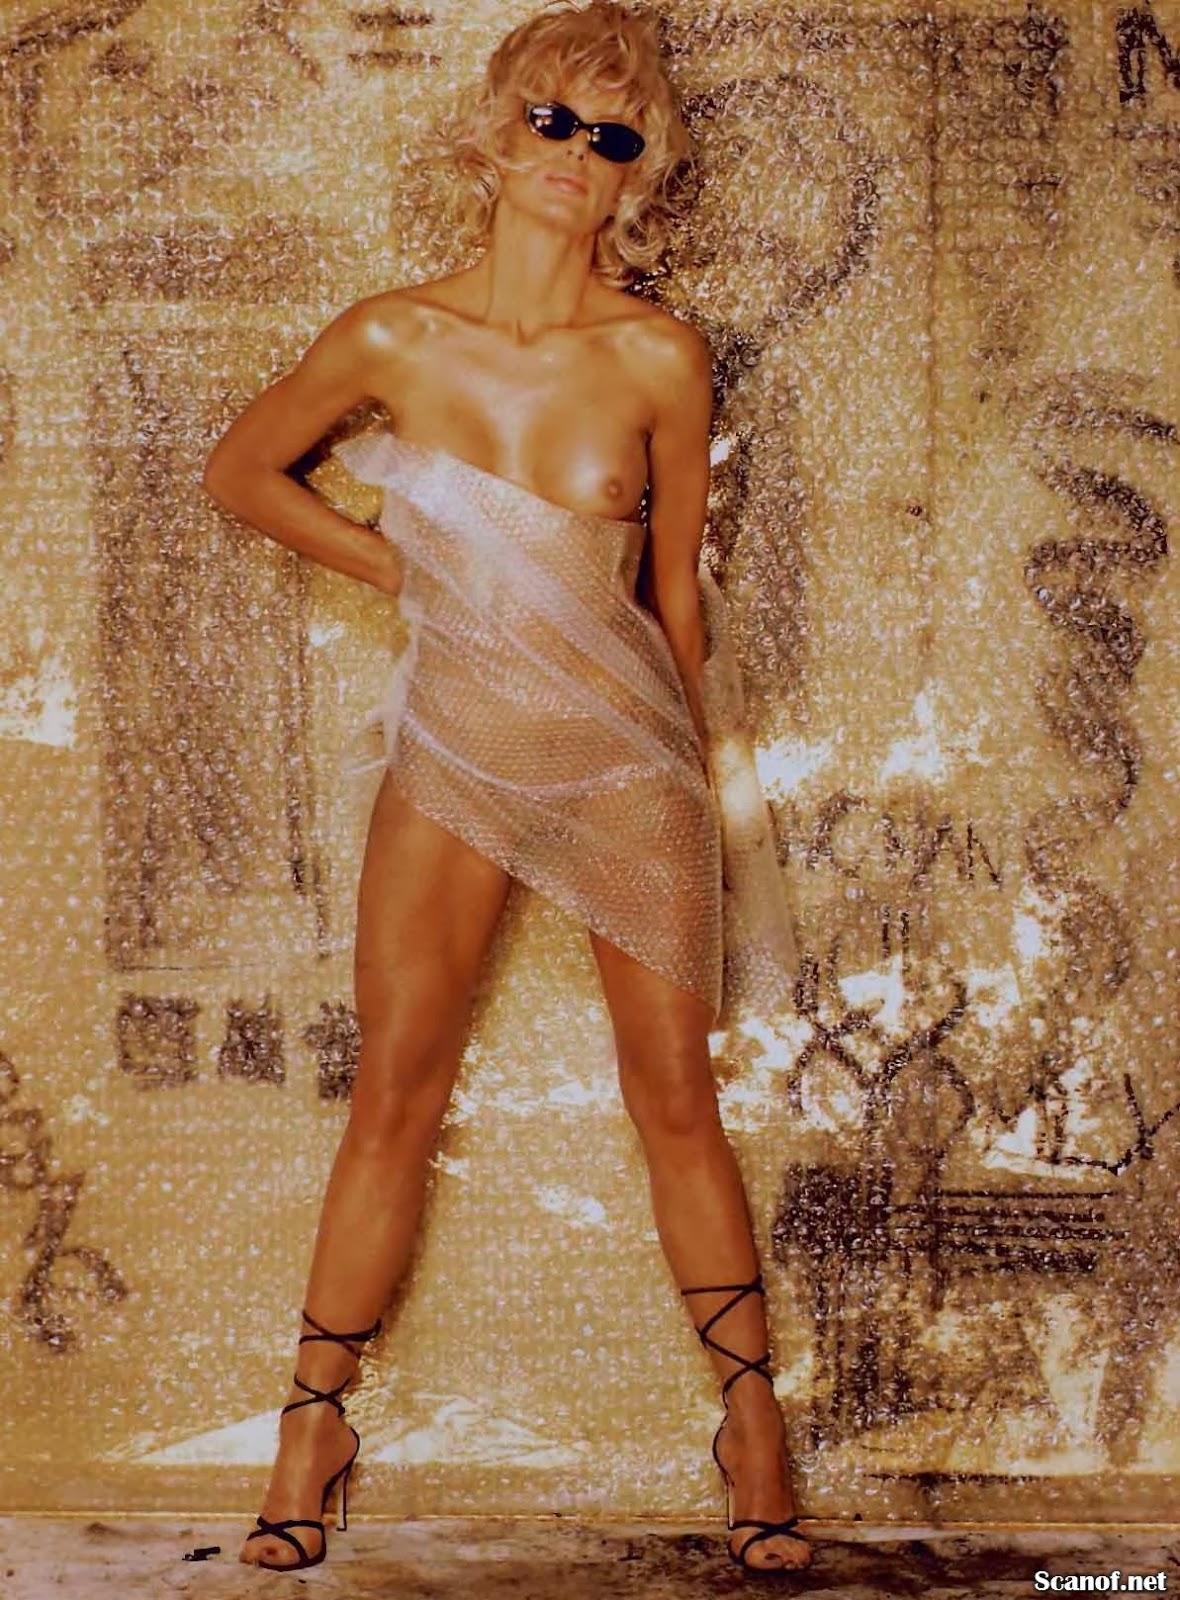 Farah fawcett nude in playboy | osnovosti.ru